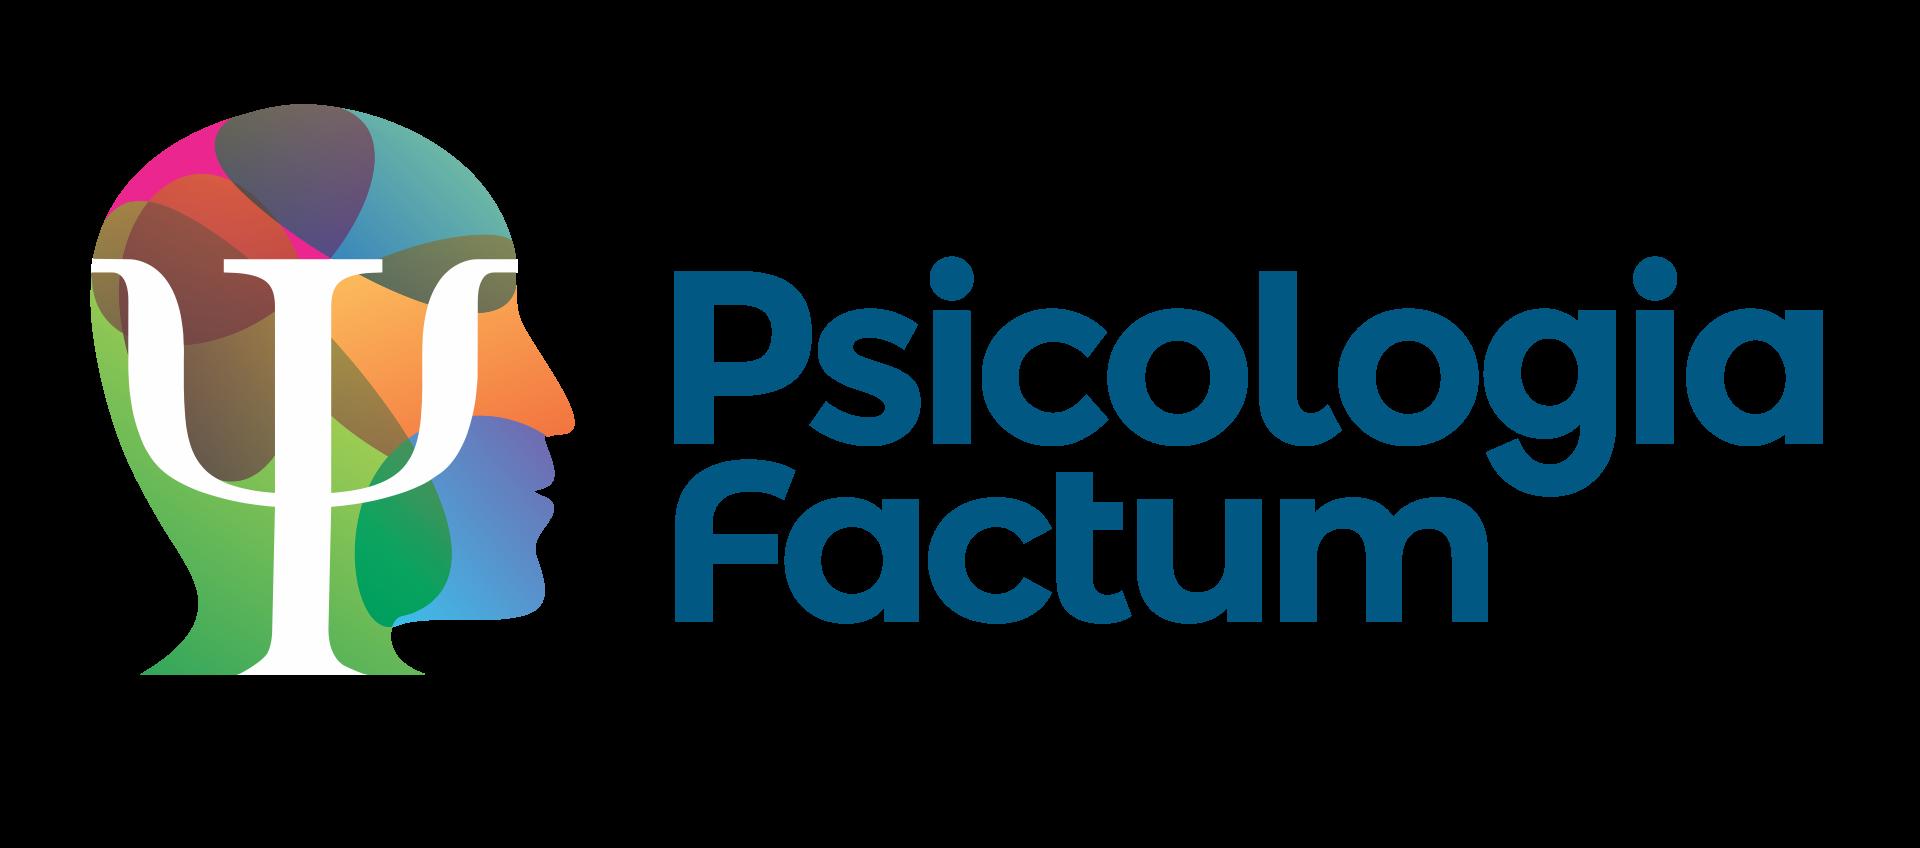 Faculdade de Graduação em Psicologia em Porto Alegre | Factum Graduação e Cursos Técnicos